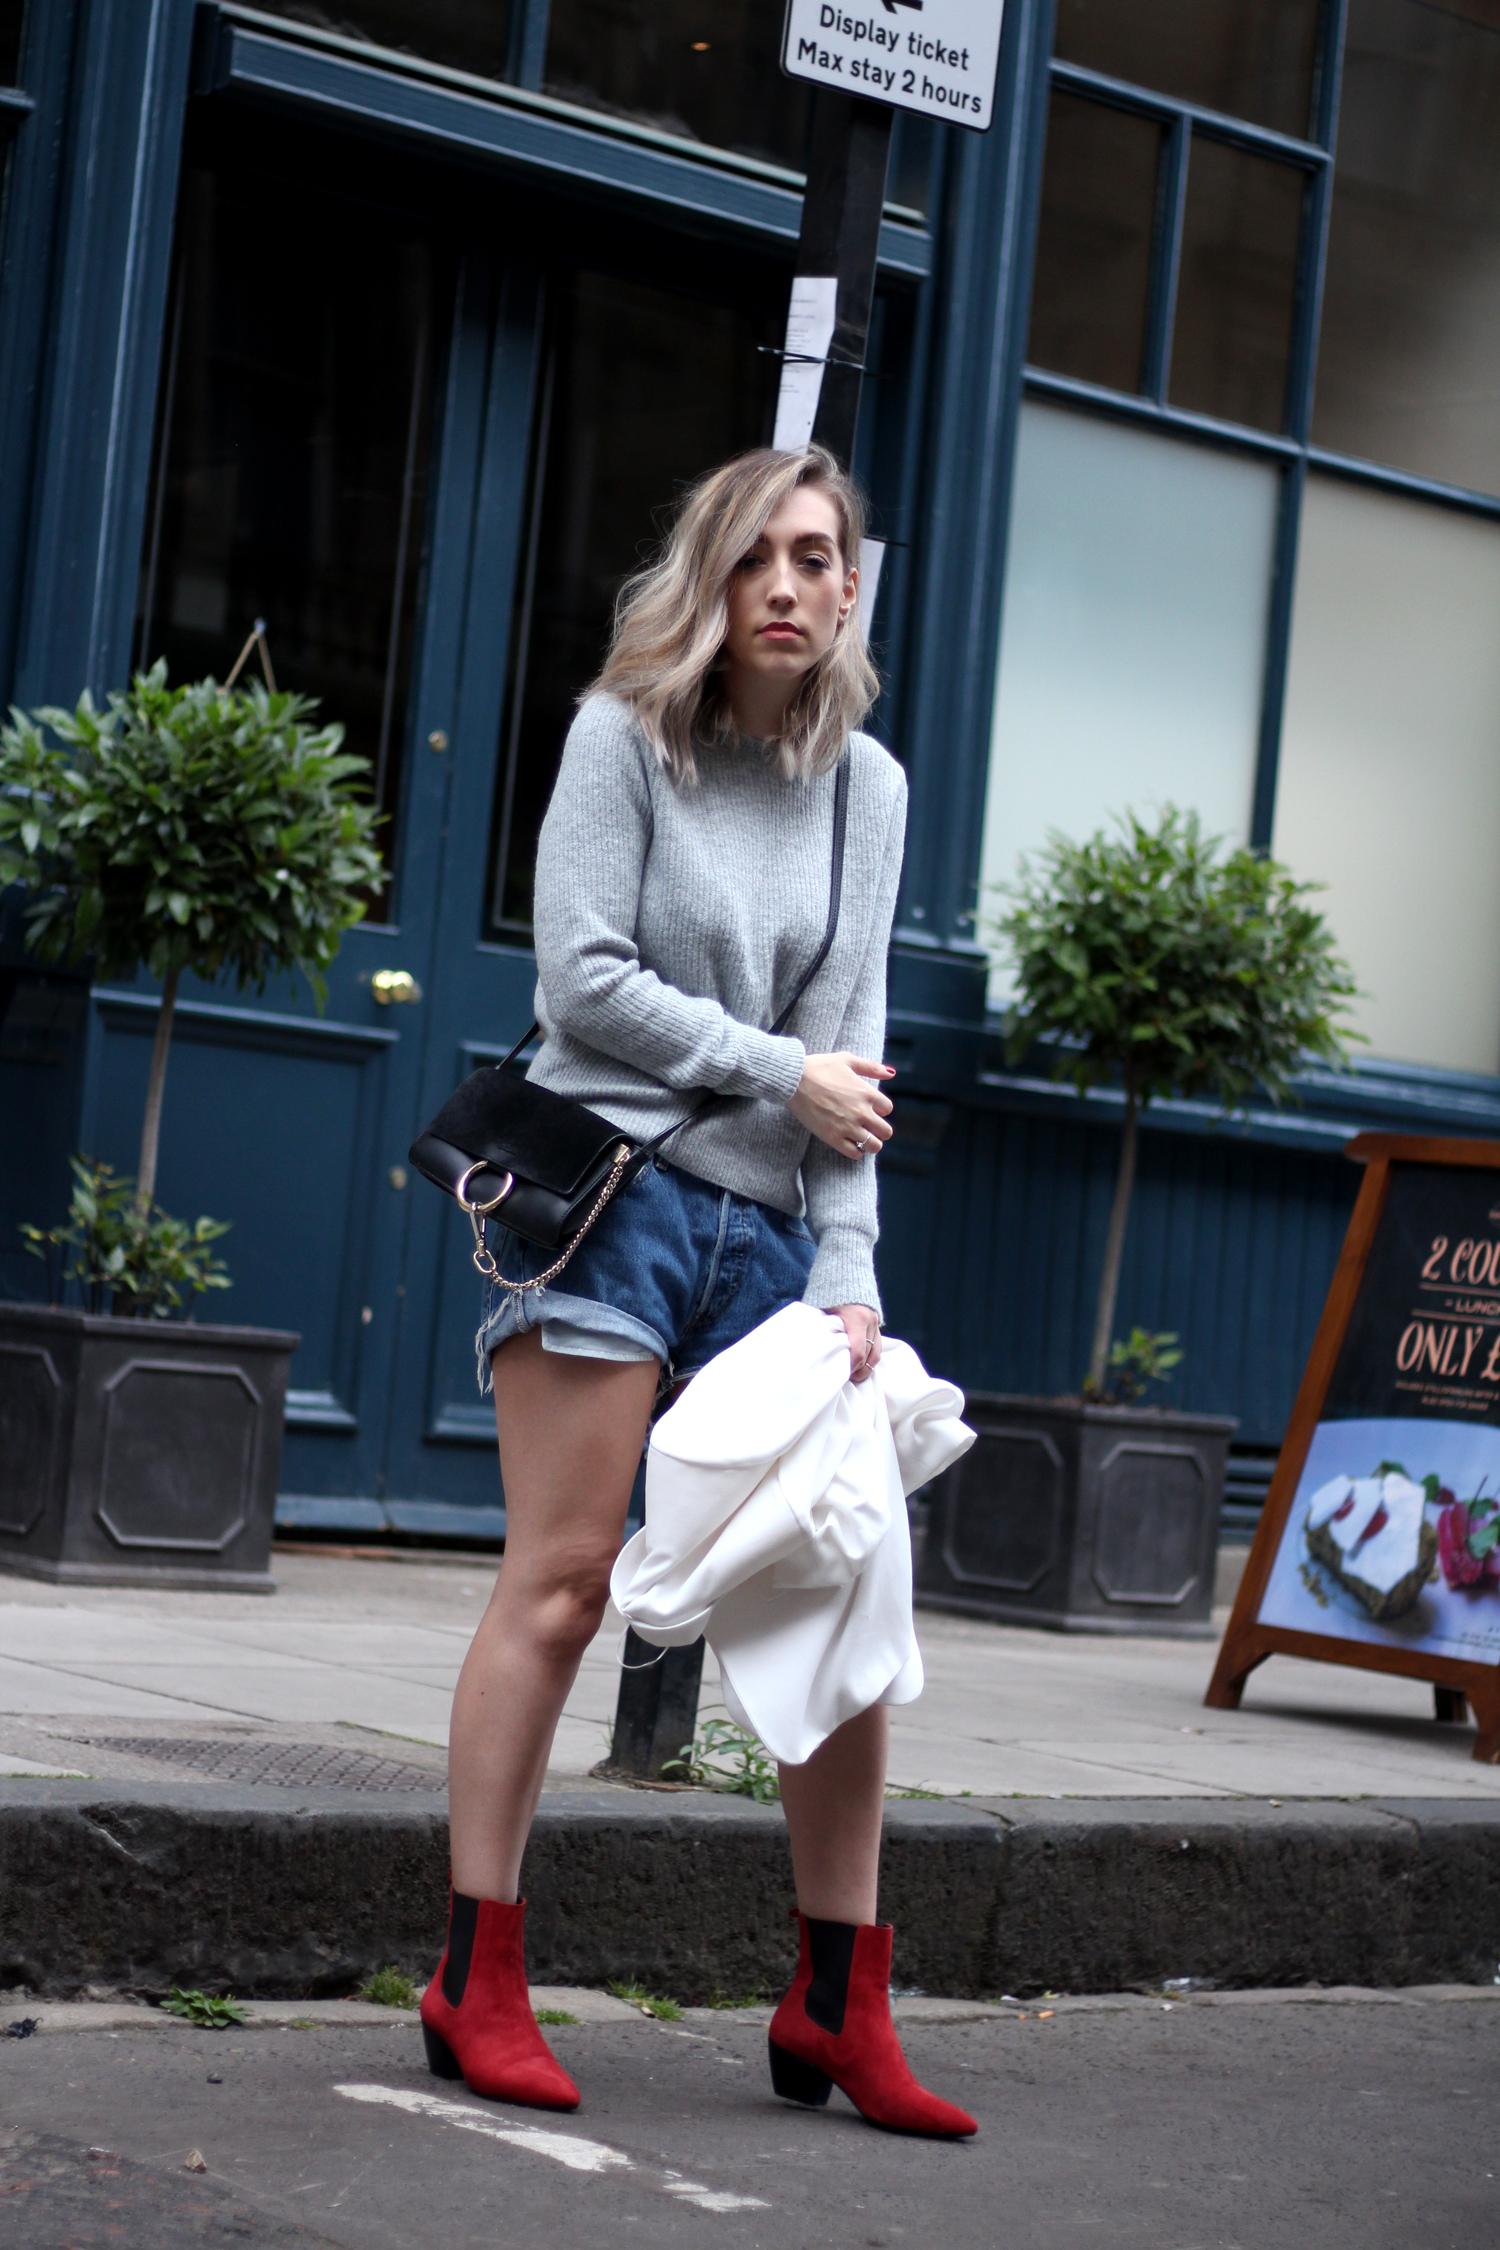 topshop-red-suede-chelsea-boots-grey-jumper-zara-white-blazer-12